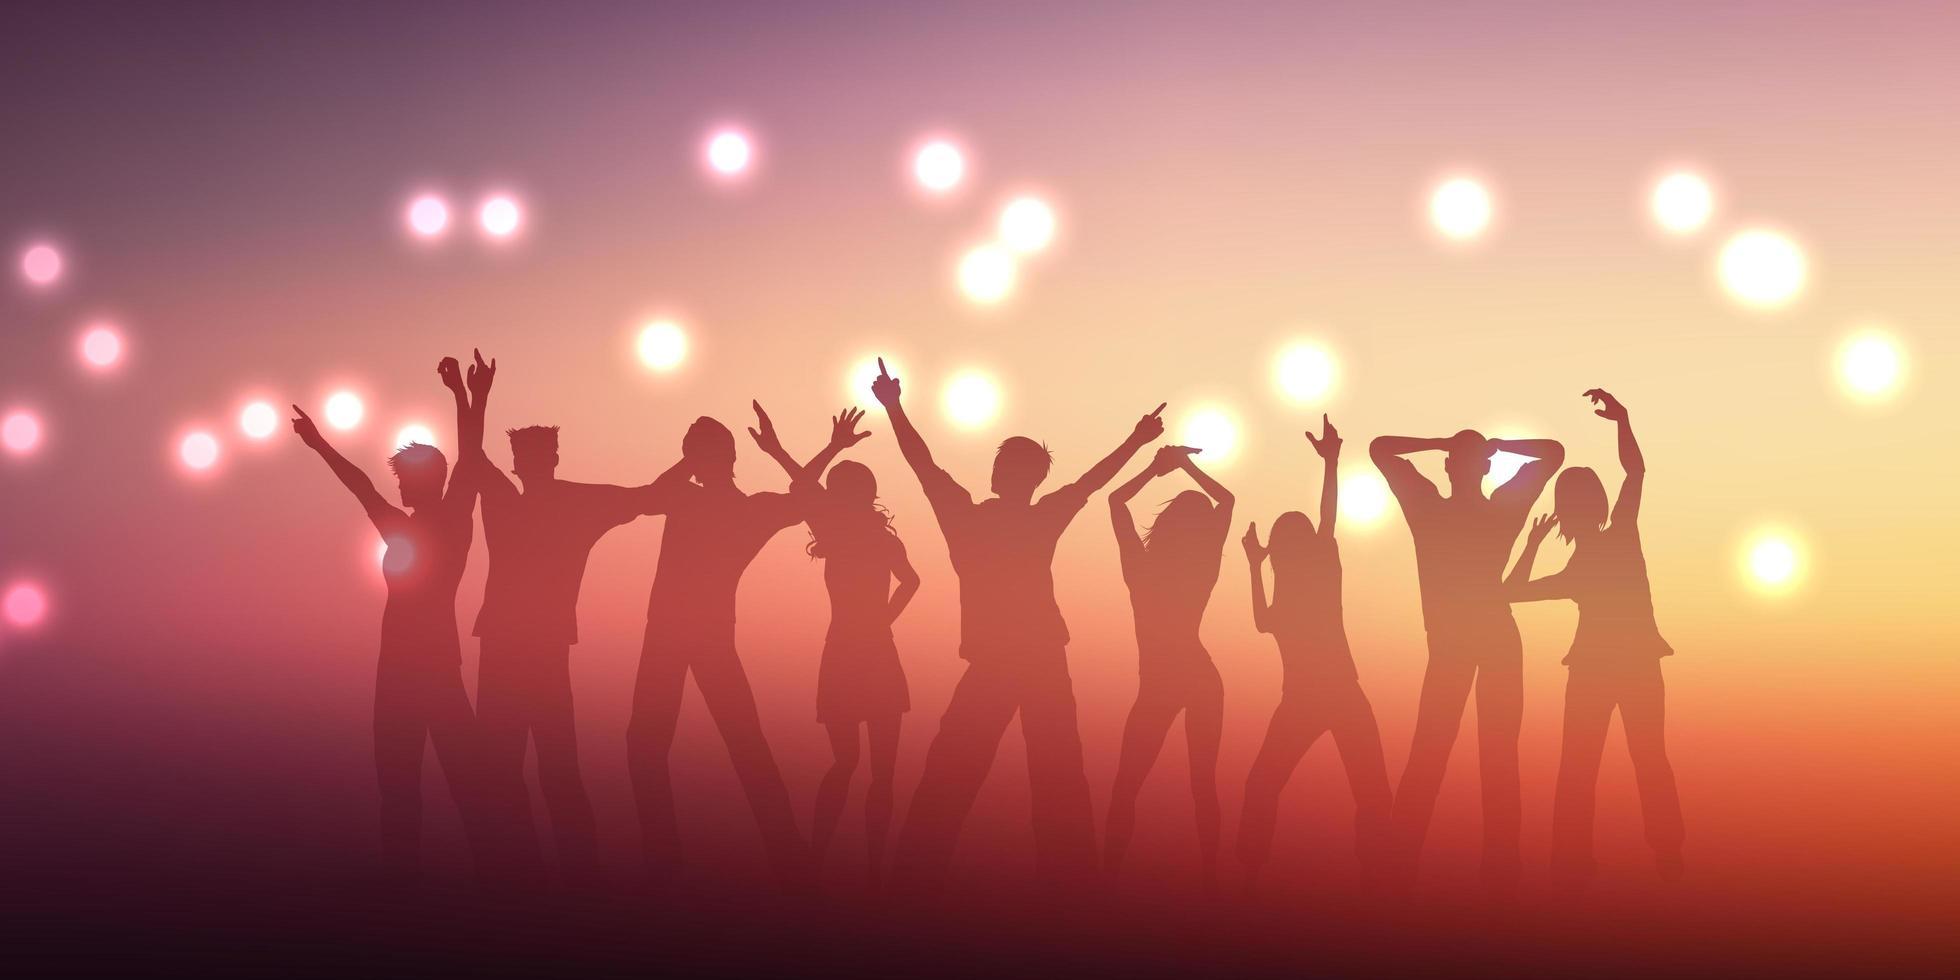 ontwerp van de banner met silhouetten van mensen dansen vector